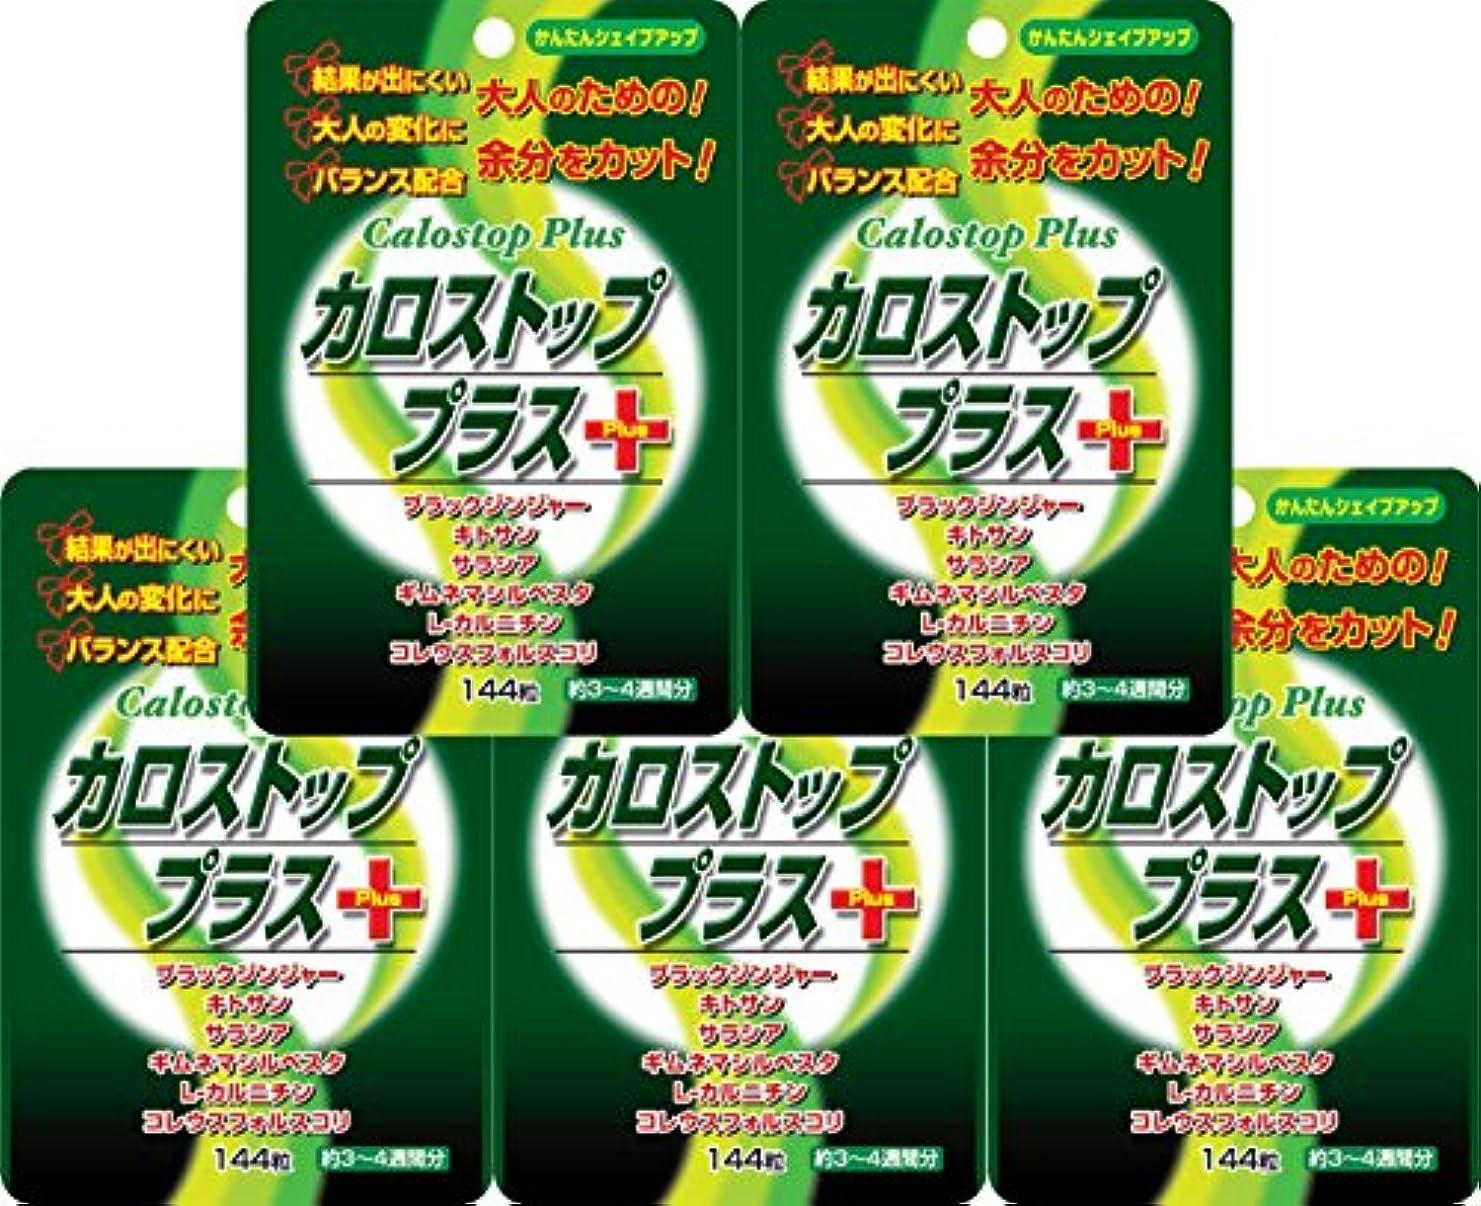 冷蔵庫バルーン誤解させる【5個セット】カロストッププラス 144粒